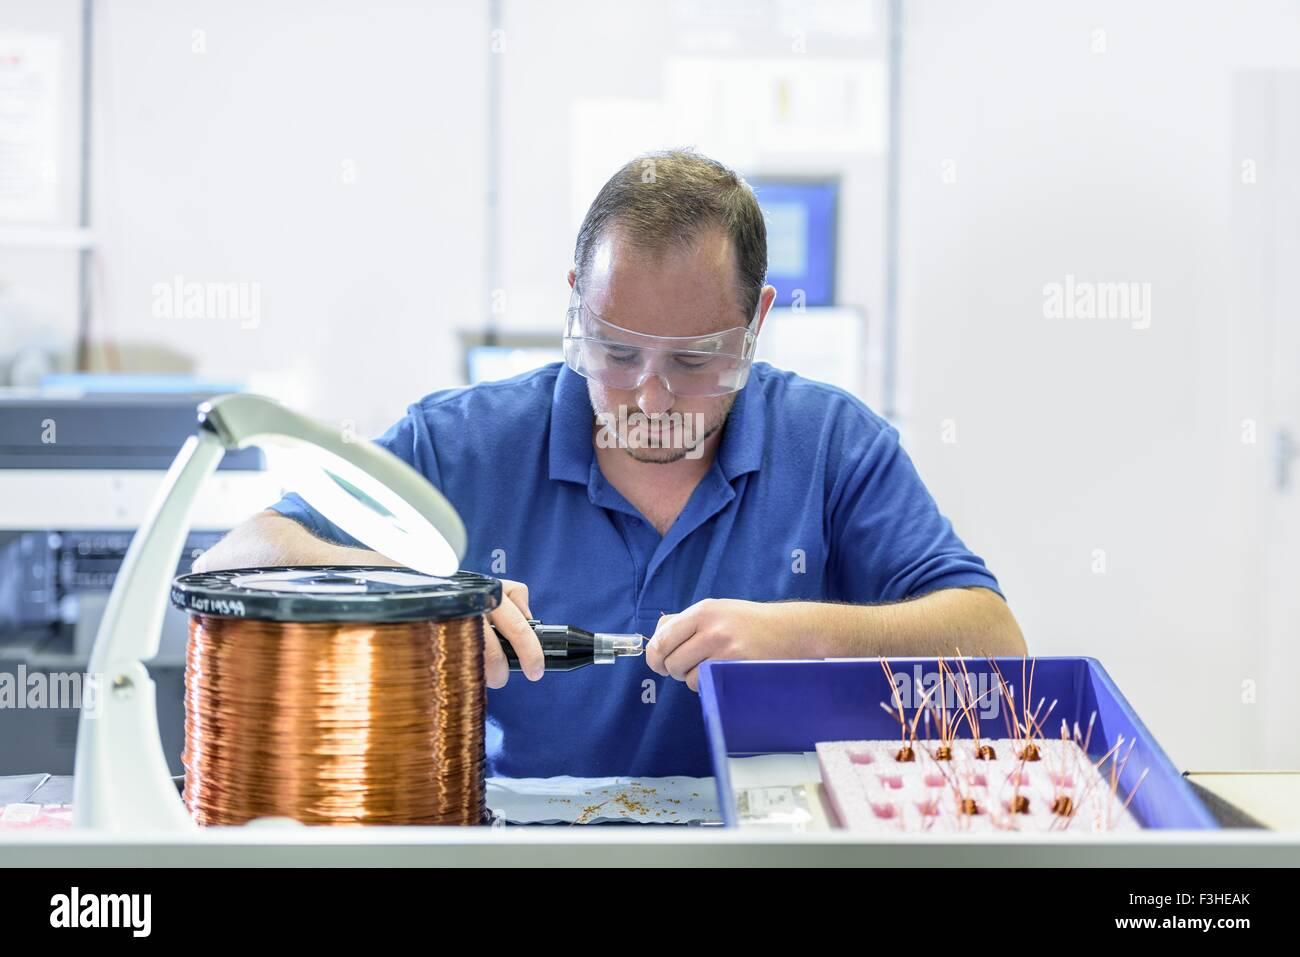 Männliche Arbeiter, die Montage von elektromagnetischer Spulen in Elektronik-Fabrik Stockbild